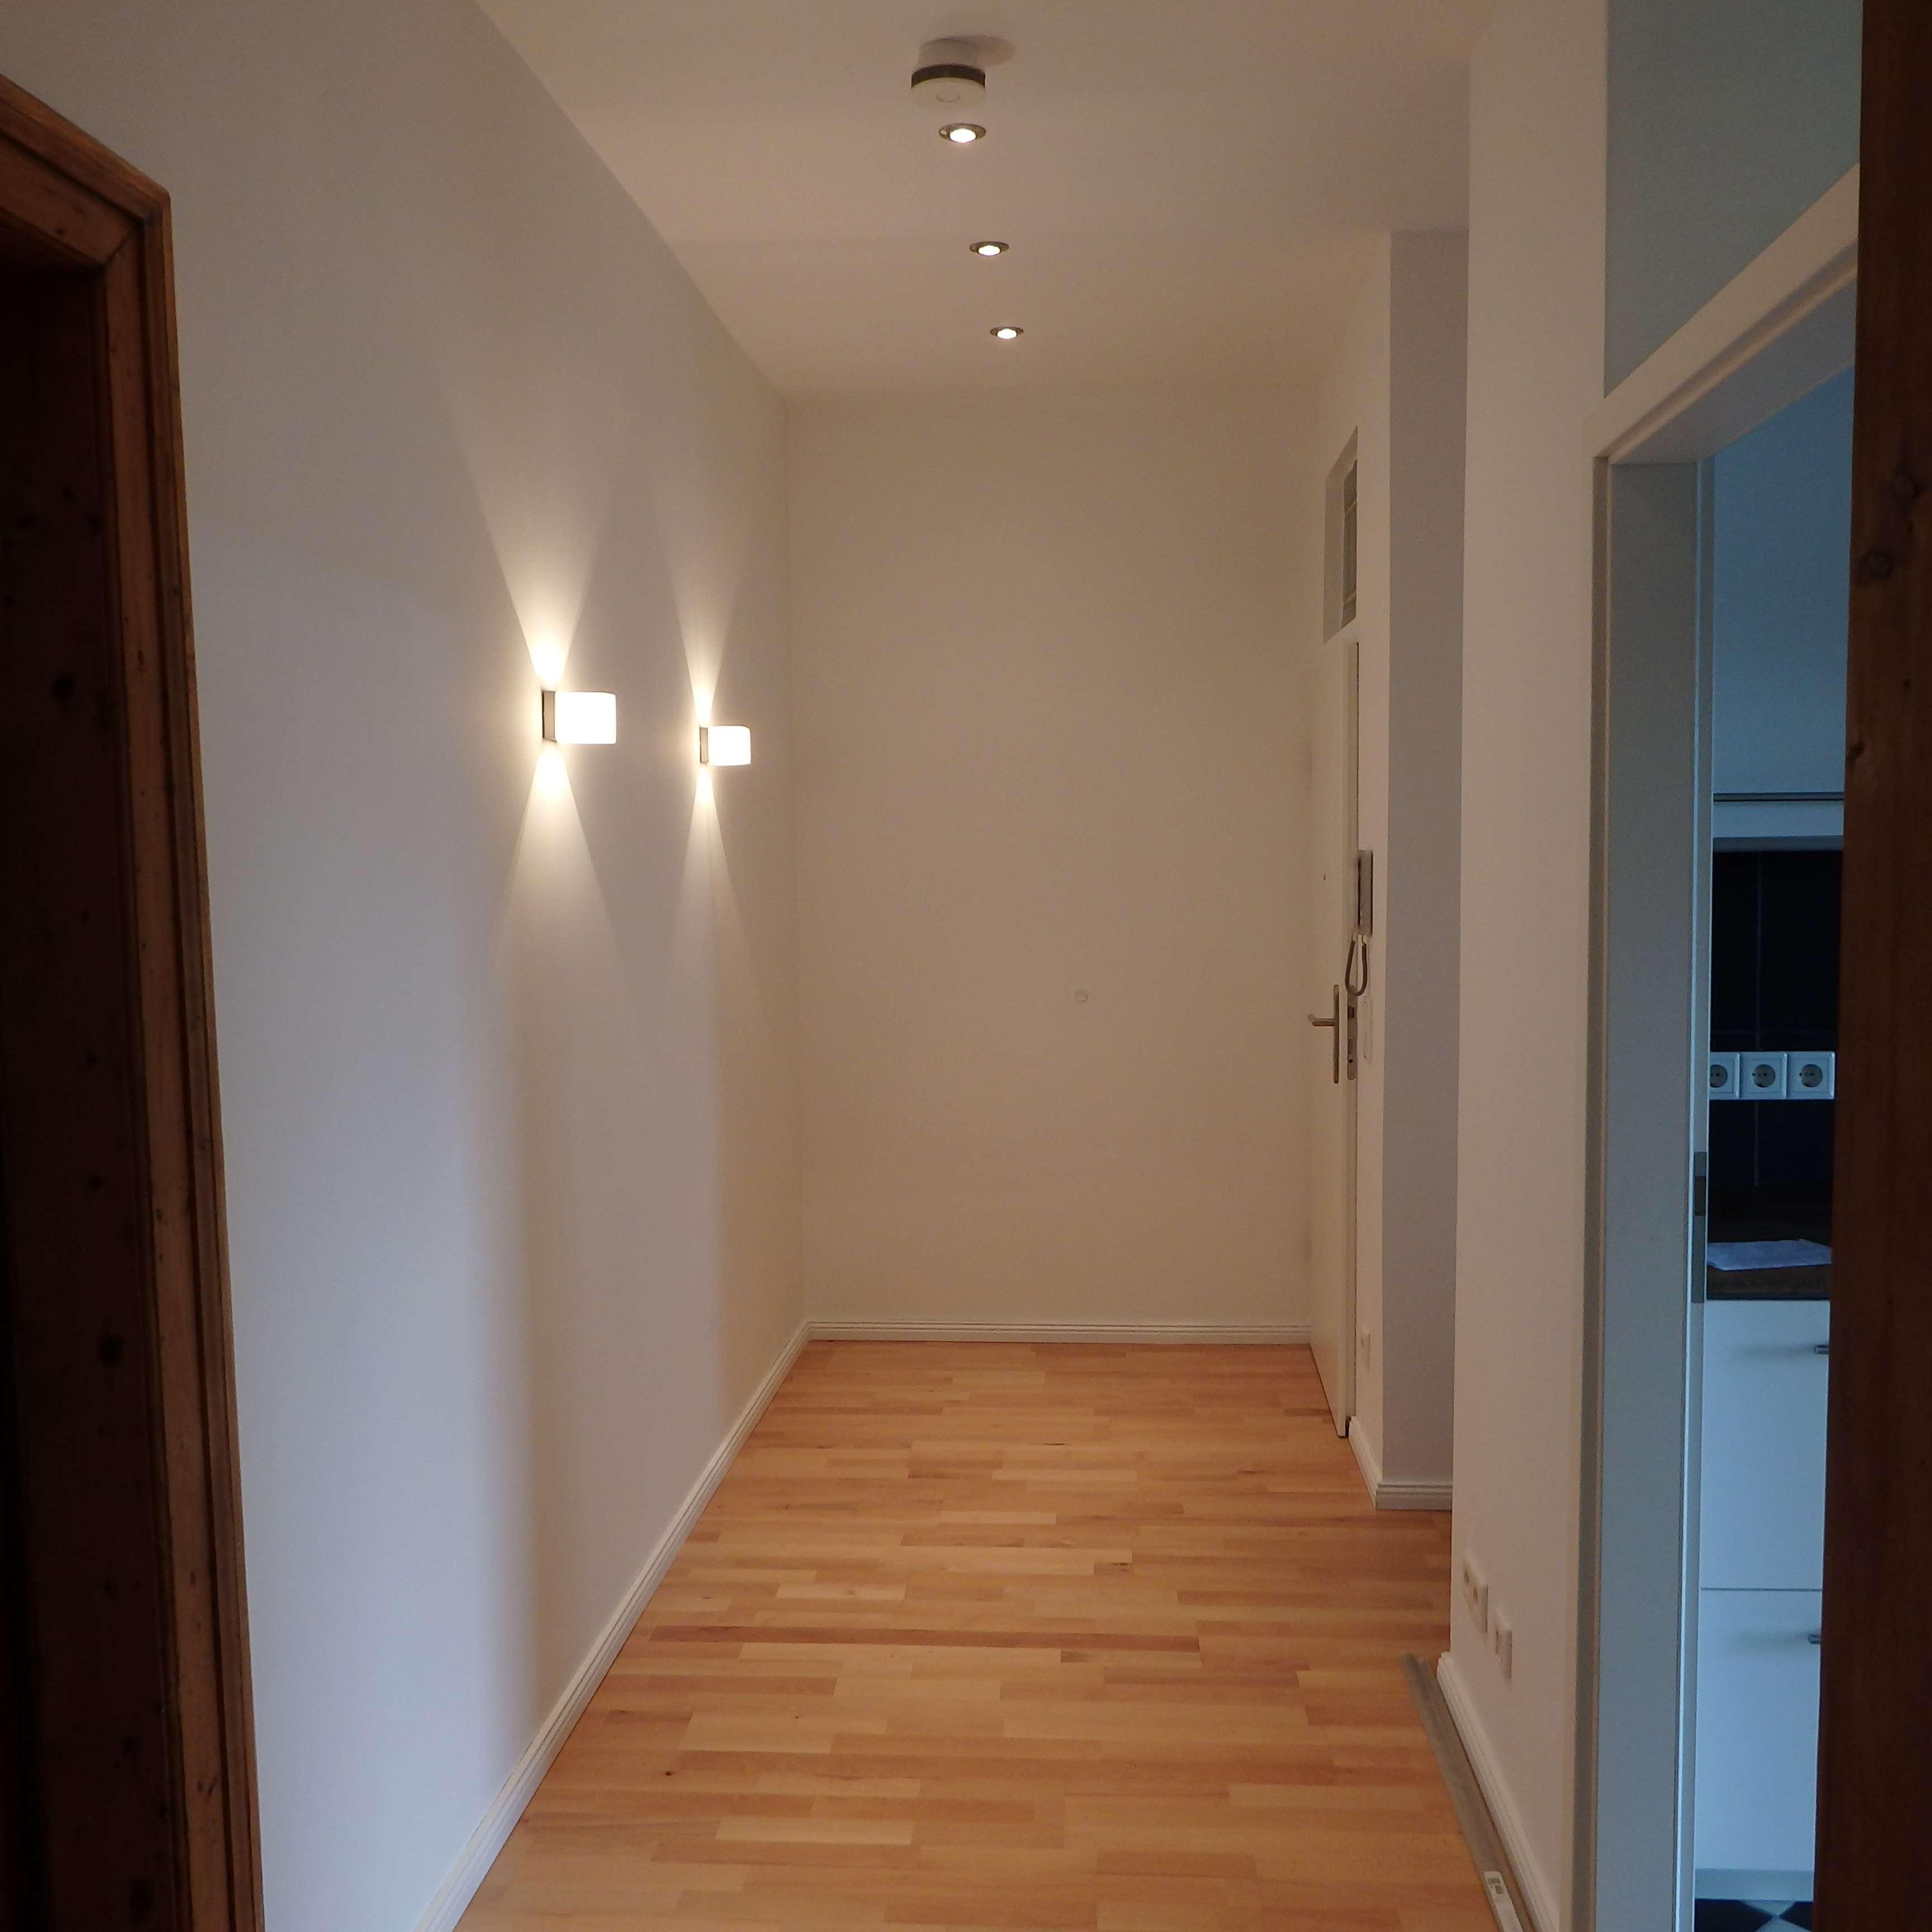 Sanierte 2-Zimmer-Altbauwohnung mit Balkon und EBK in Gostenhof in Gostenhof (Nürnberg)